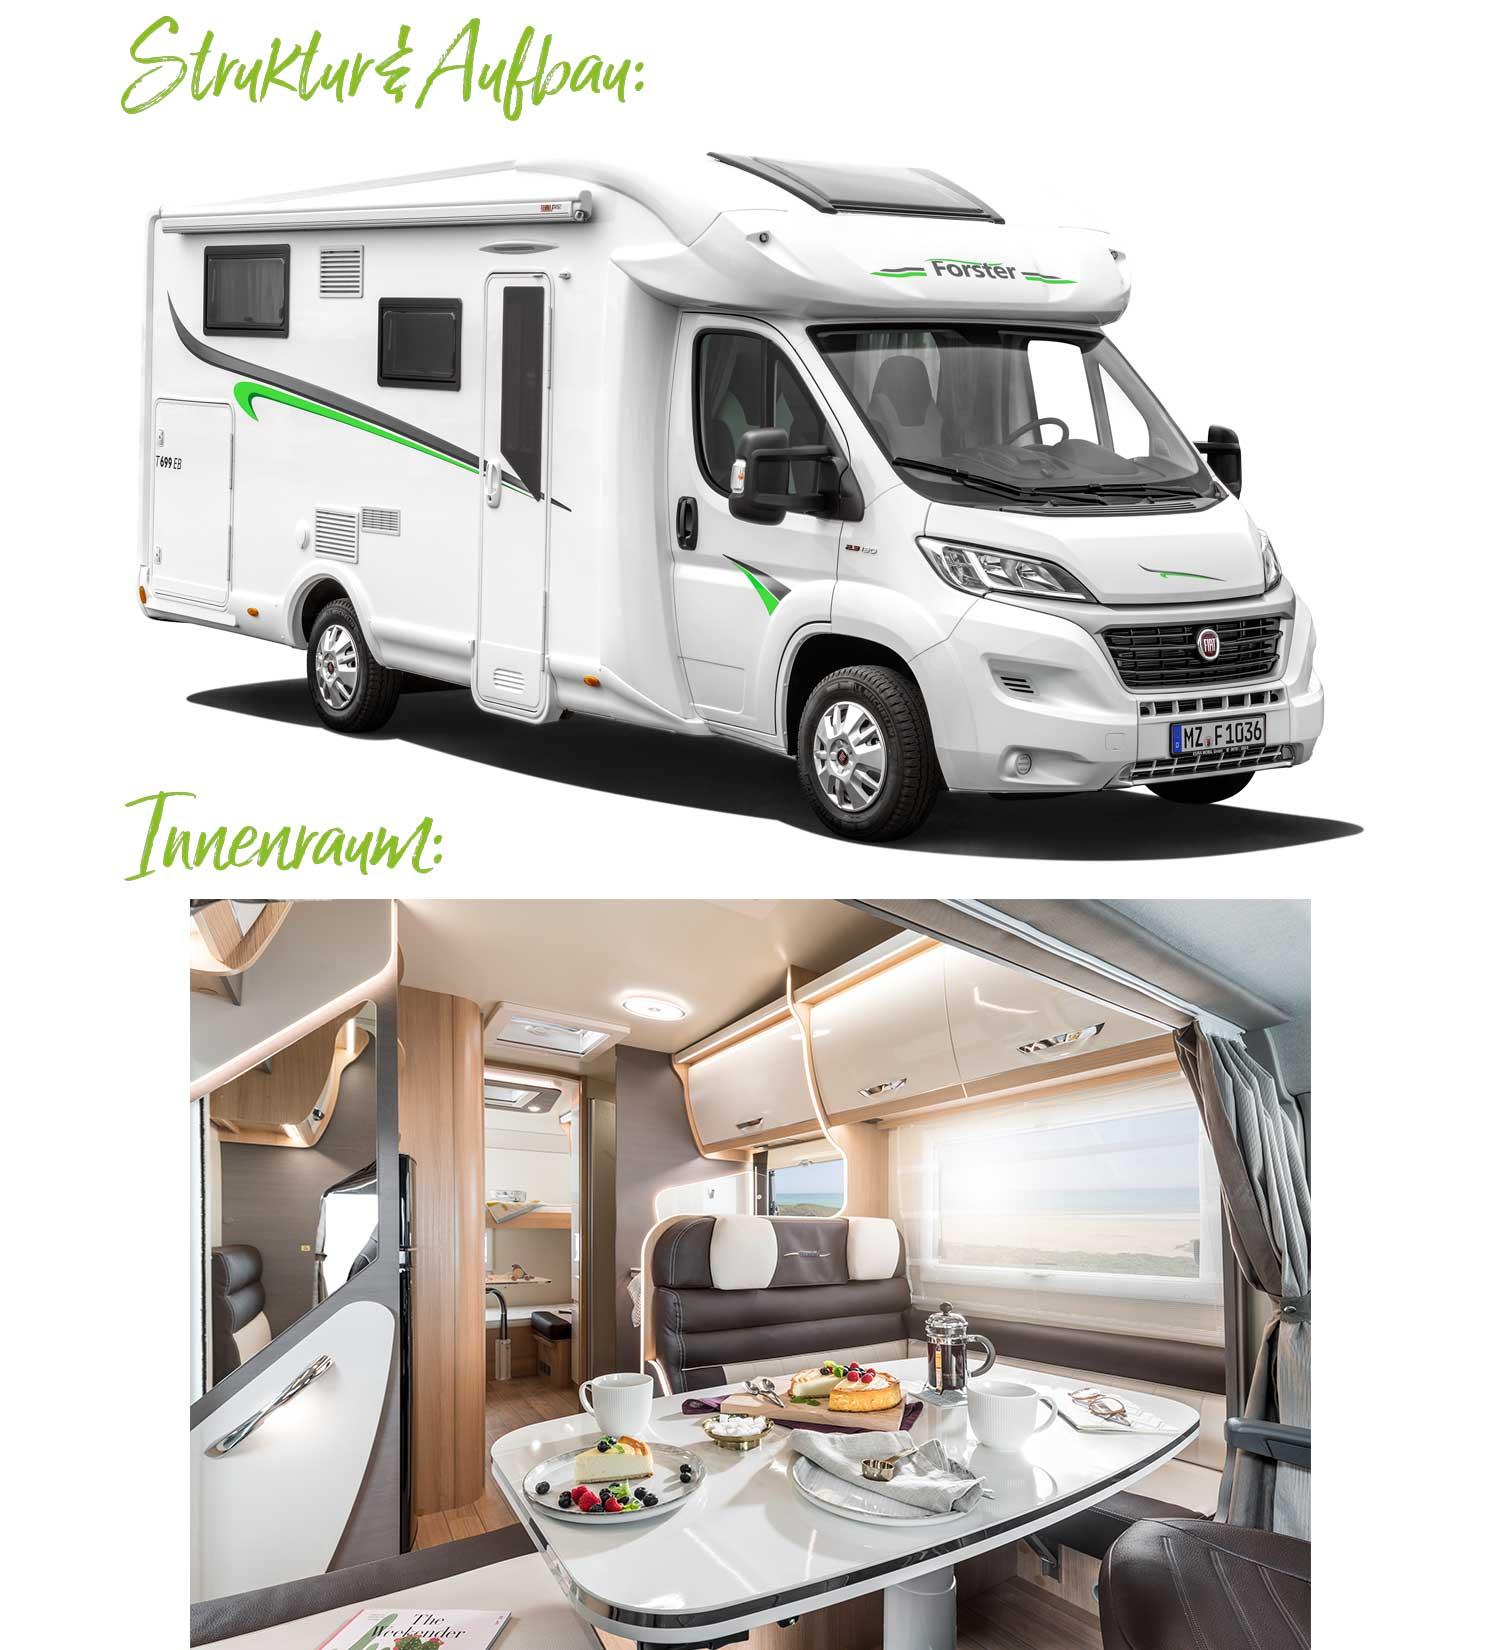 Unsere Wohnmobile haben viele Qualitäts- & Ausstattungsvorteilen